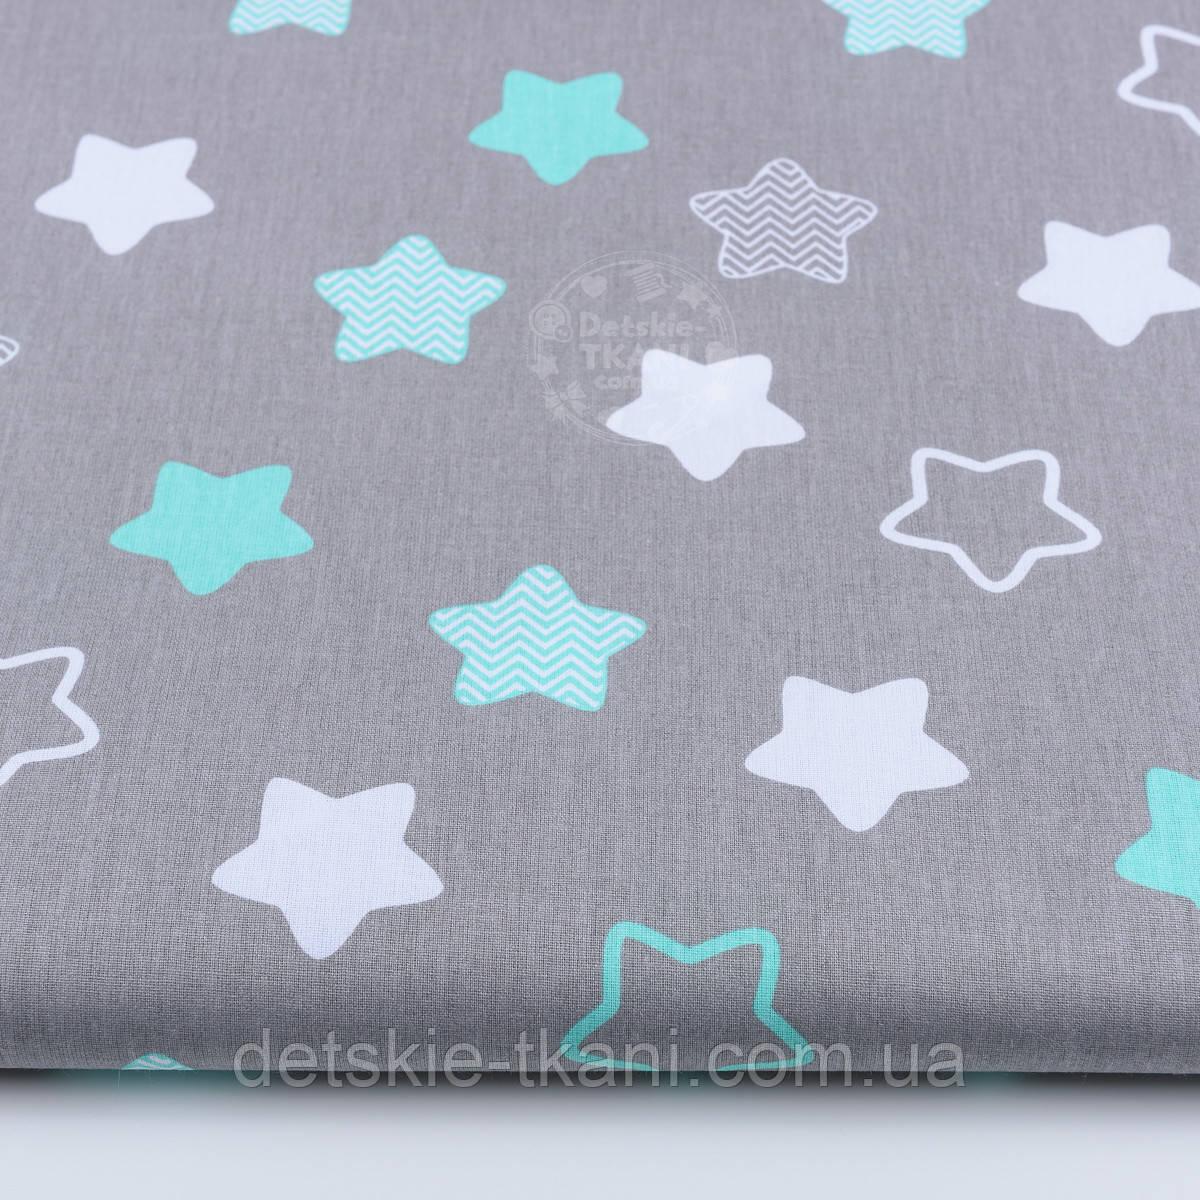 """Ткань бязь """"Звёзды-пряники с зигзагами"""" мятные на сером,  № 1253"""